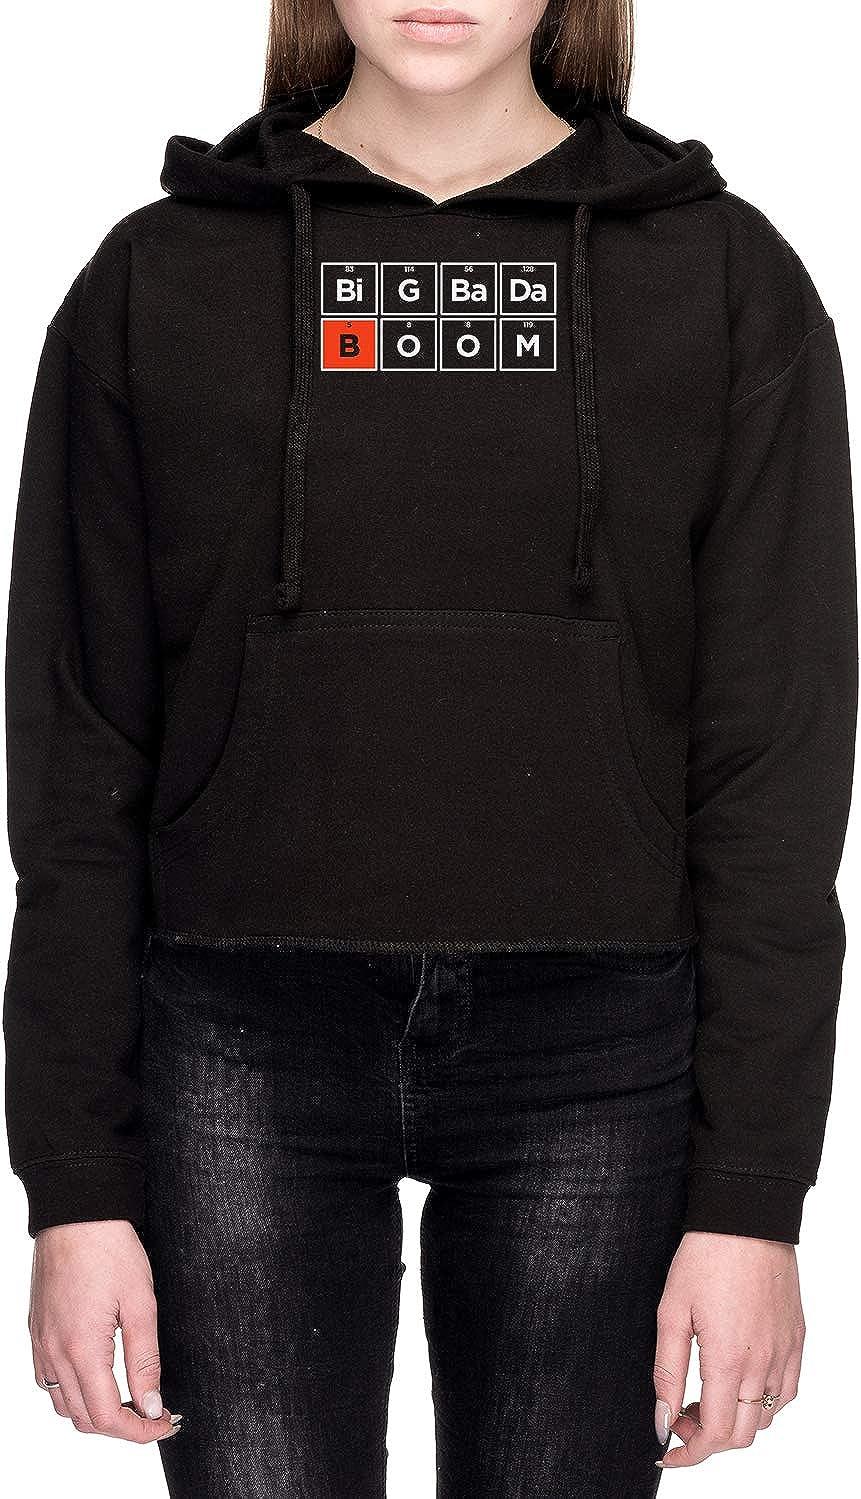 Boron Mujer Sudadera con Capucha De Crop Negro Todos Los Tamaños - Women's Crop Sweatshirt Hoodie Black